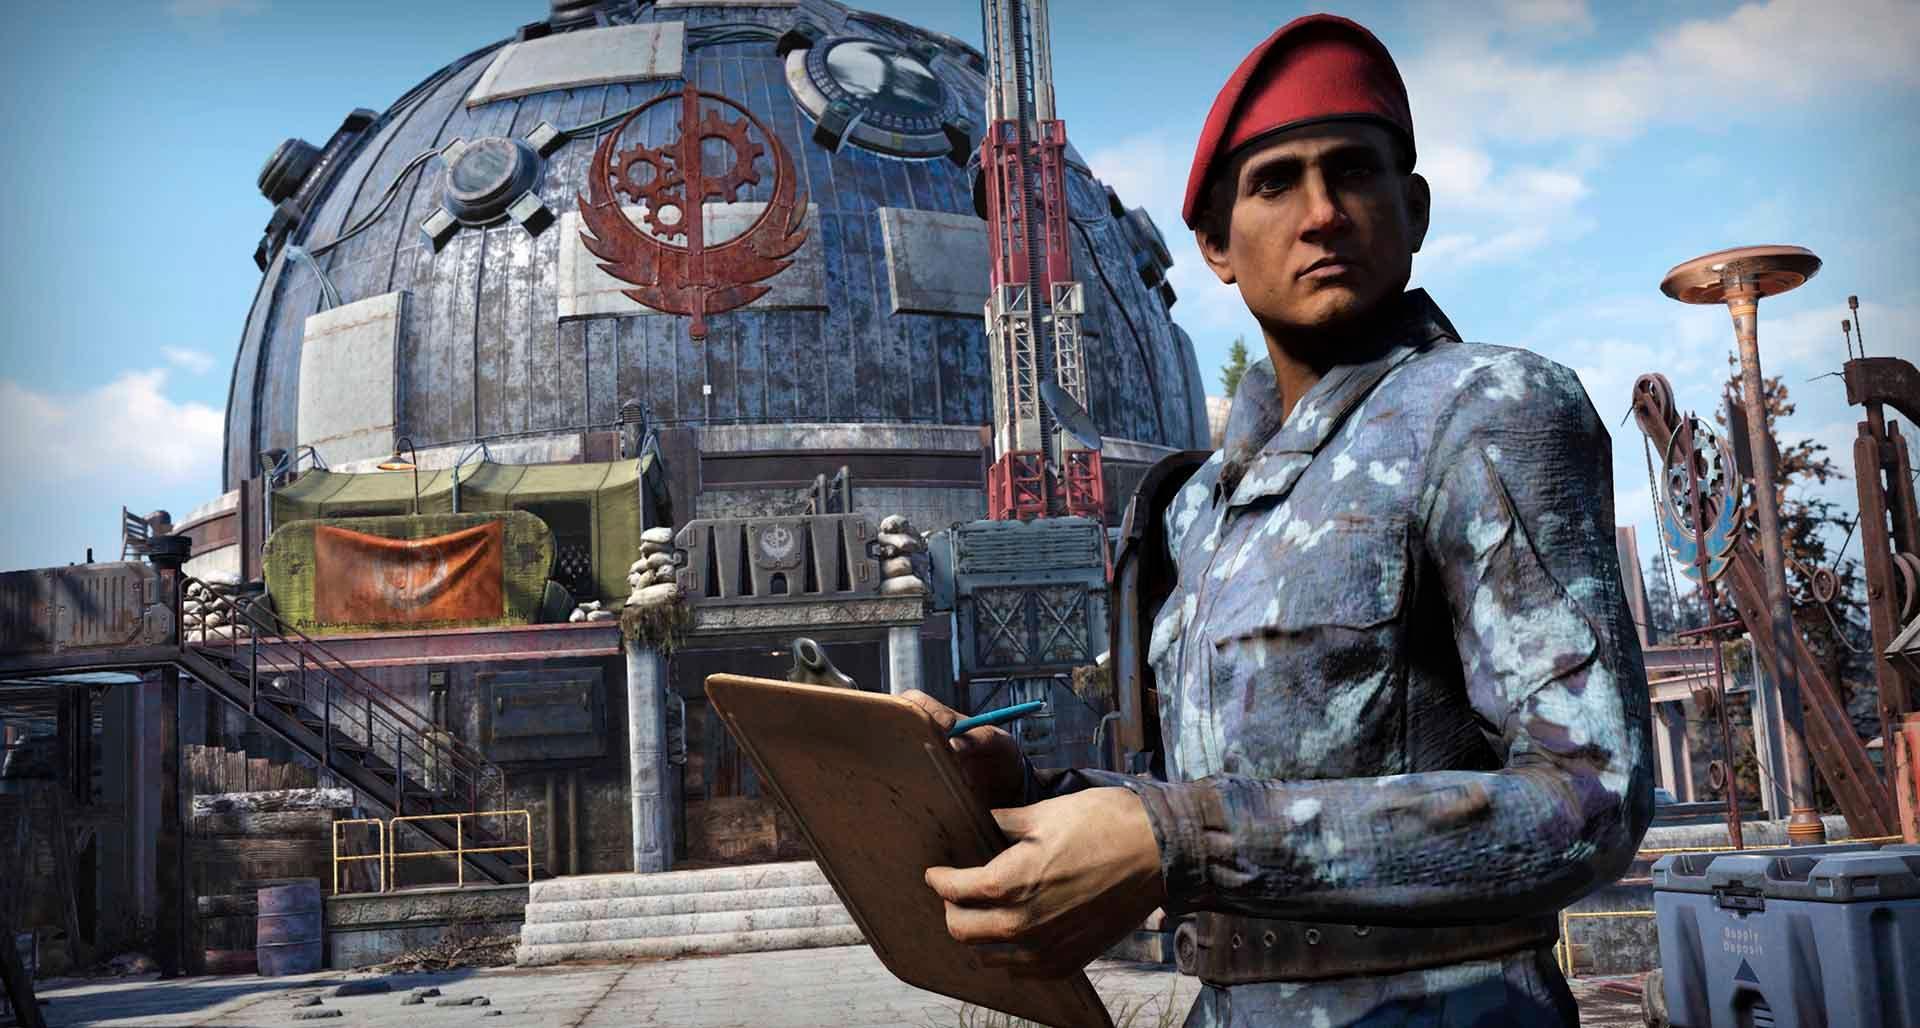 Ya está disponible la actualización 21 de Fallout 76, que incluye muchas novedades 5